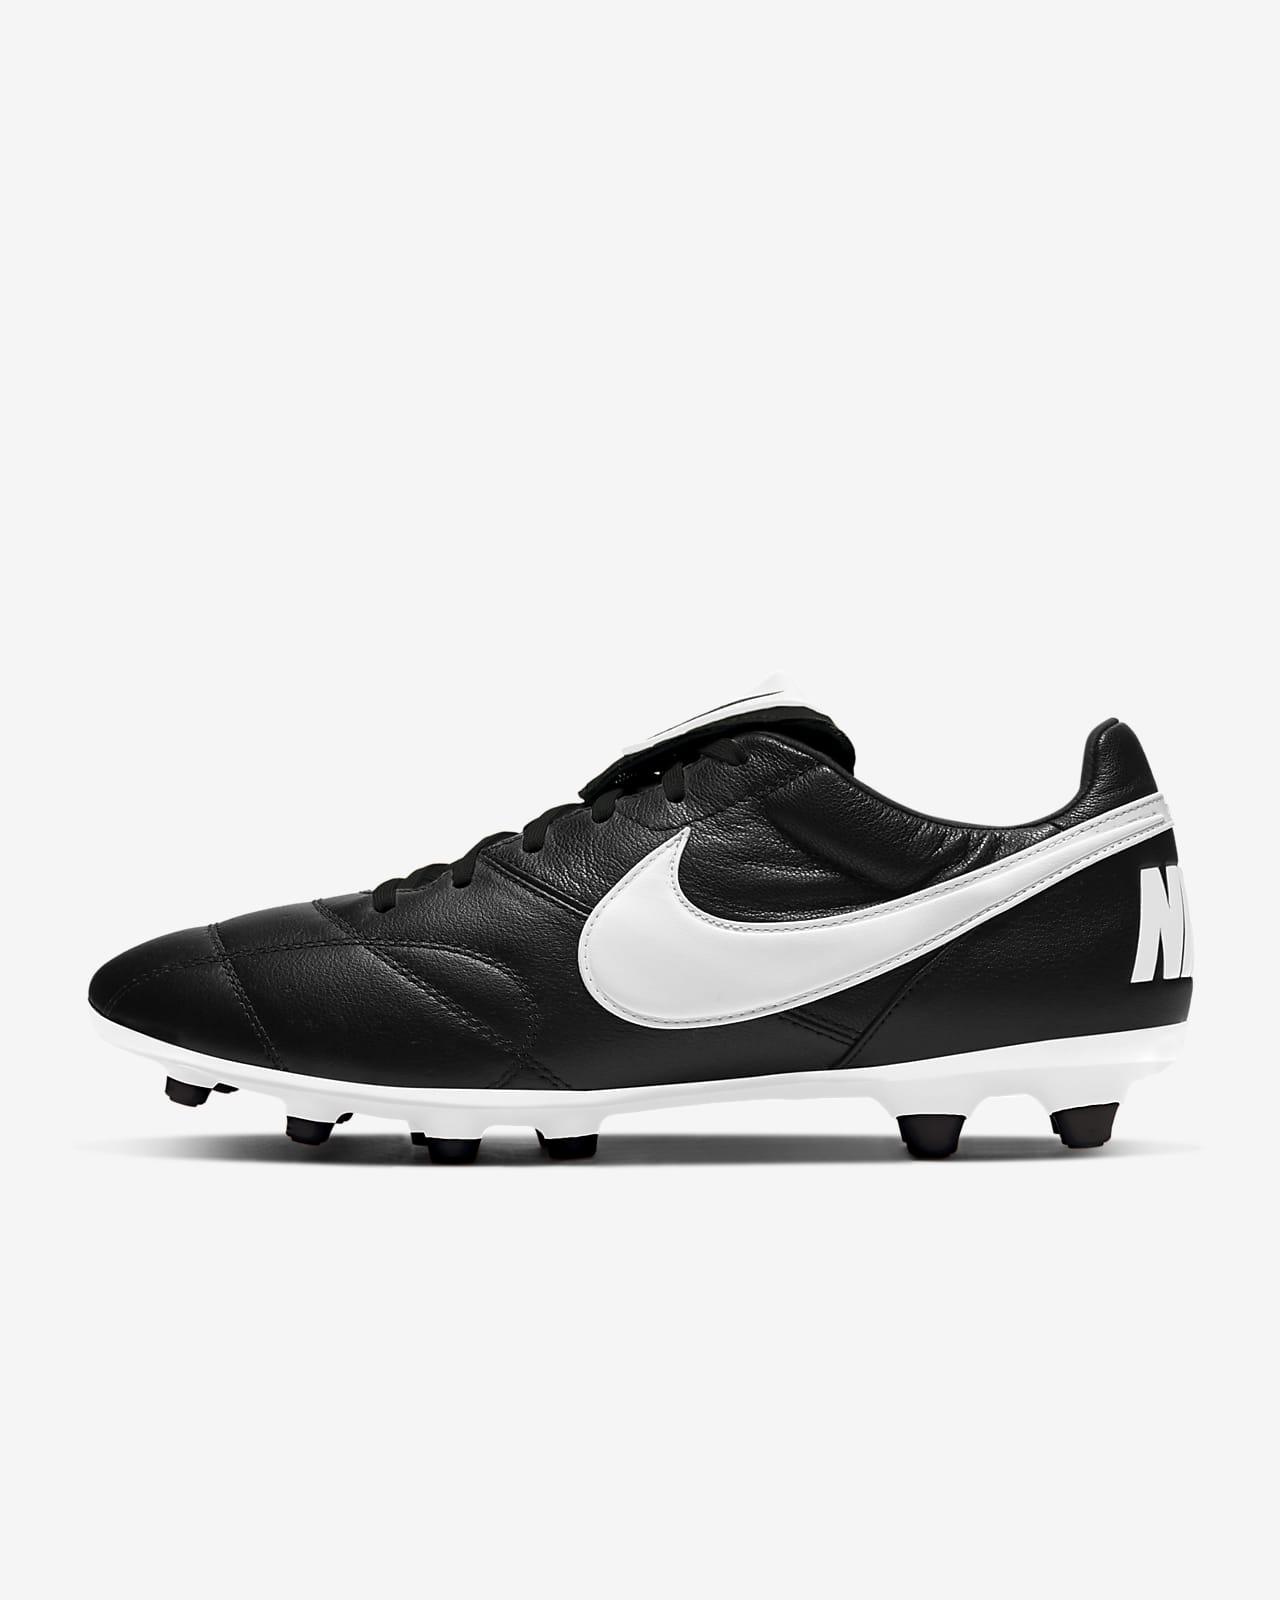 Nike Premier II FG-fodboldstøvle til græs